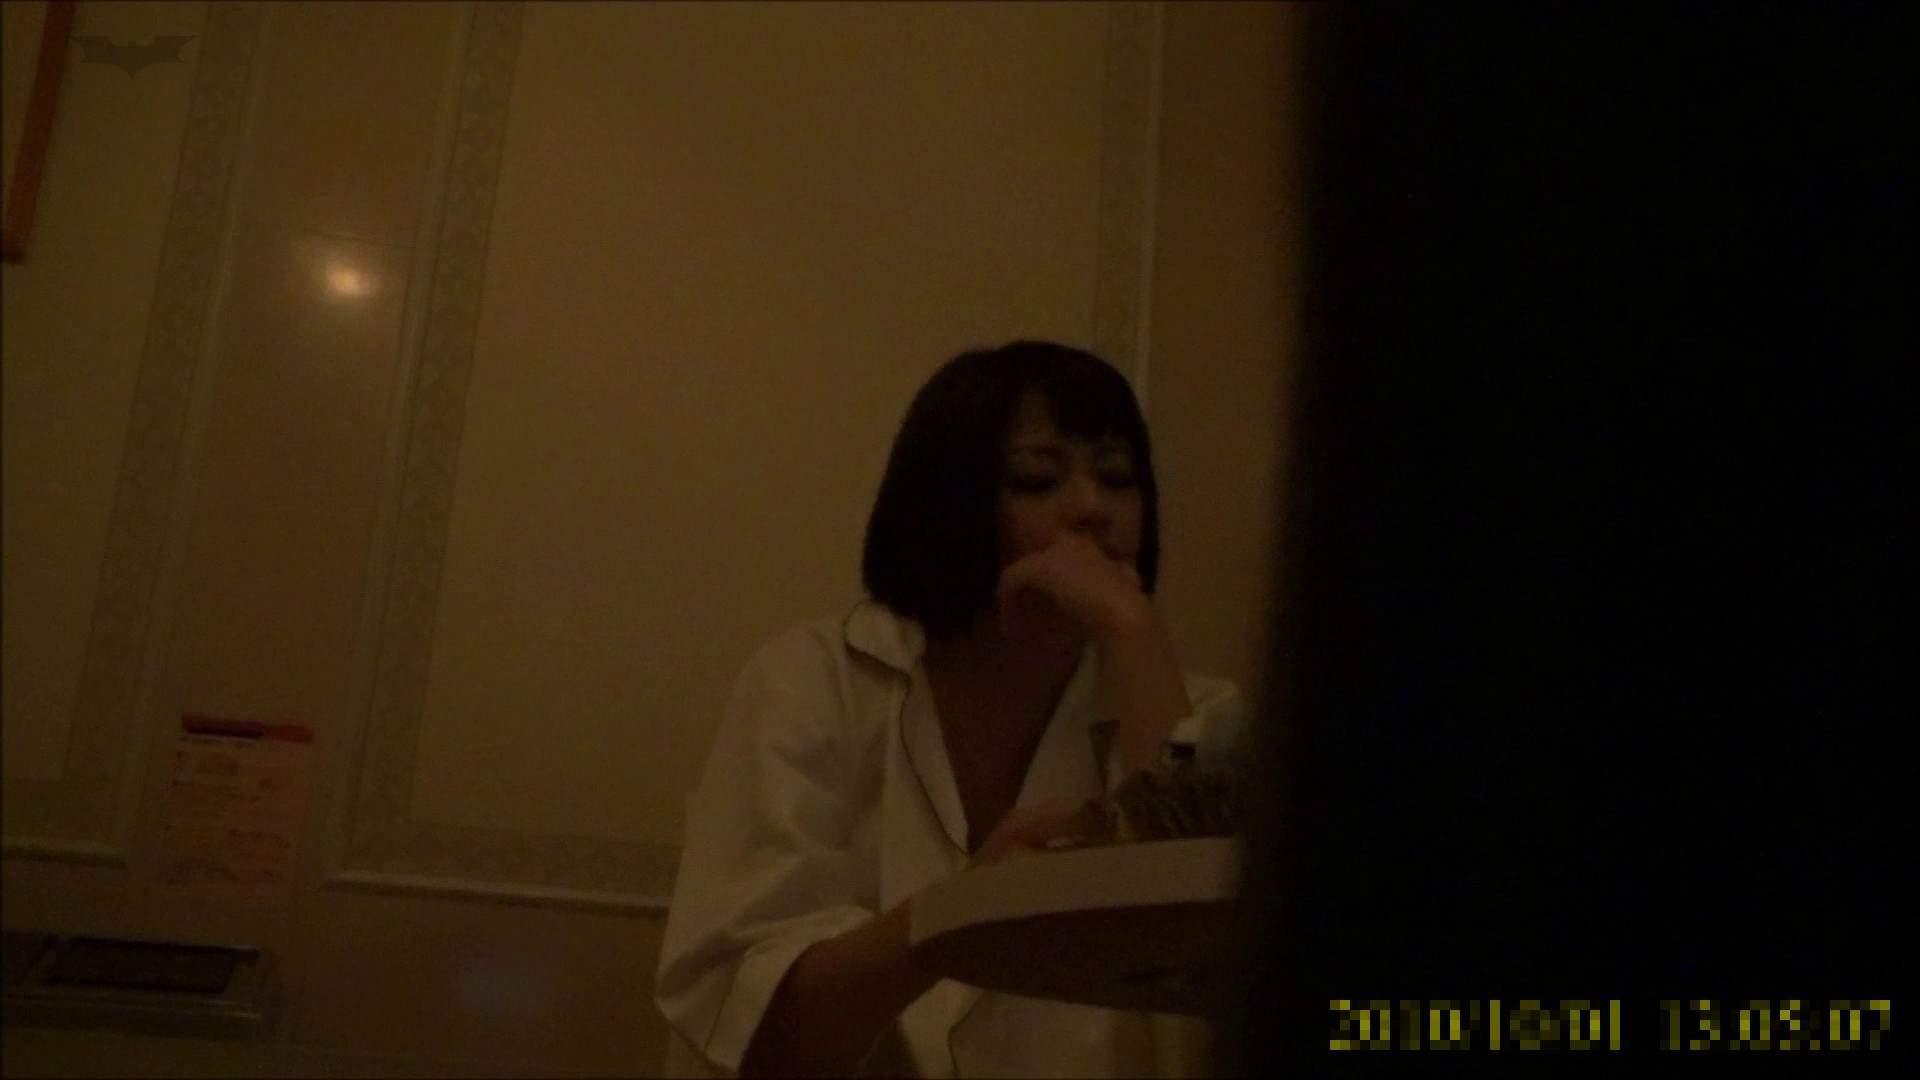 【未公開】vol.96 {茶髪→黒髪ギャル}美巨乳アミちゃん③【前編】 OLハメ撮り  83Pix 13